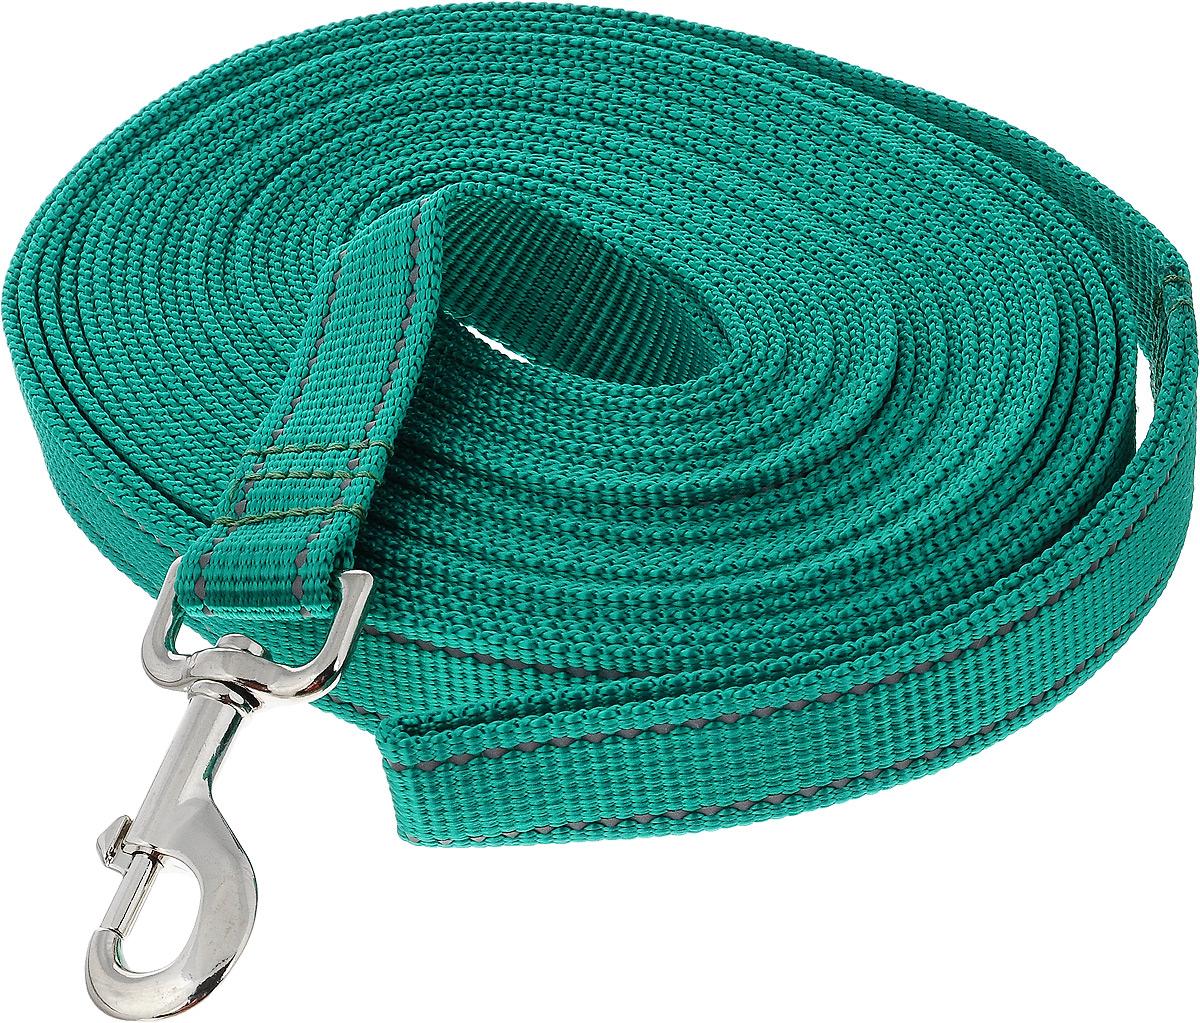 Поводок для собак Аркон, цвет: зеленый, ширина 2,5 см, длина 10 м поводок капроновый для собак аркон цвет синий ширина 2 см длина 1 м